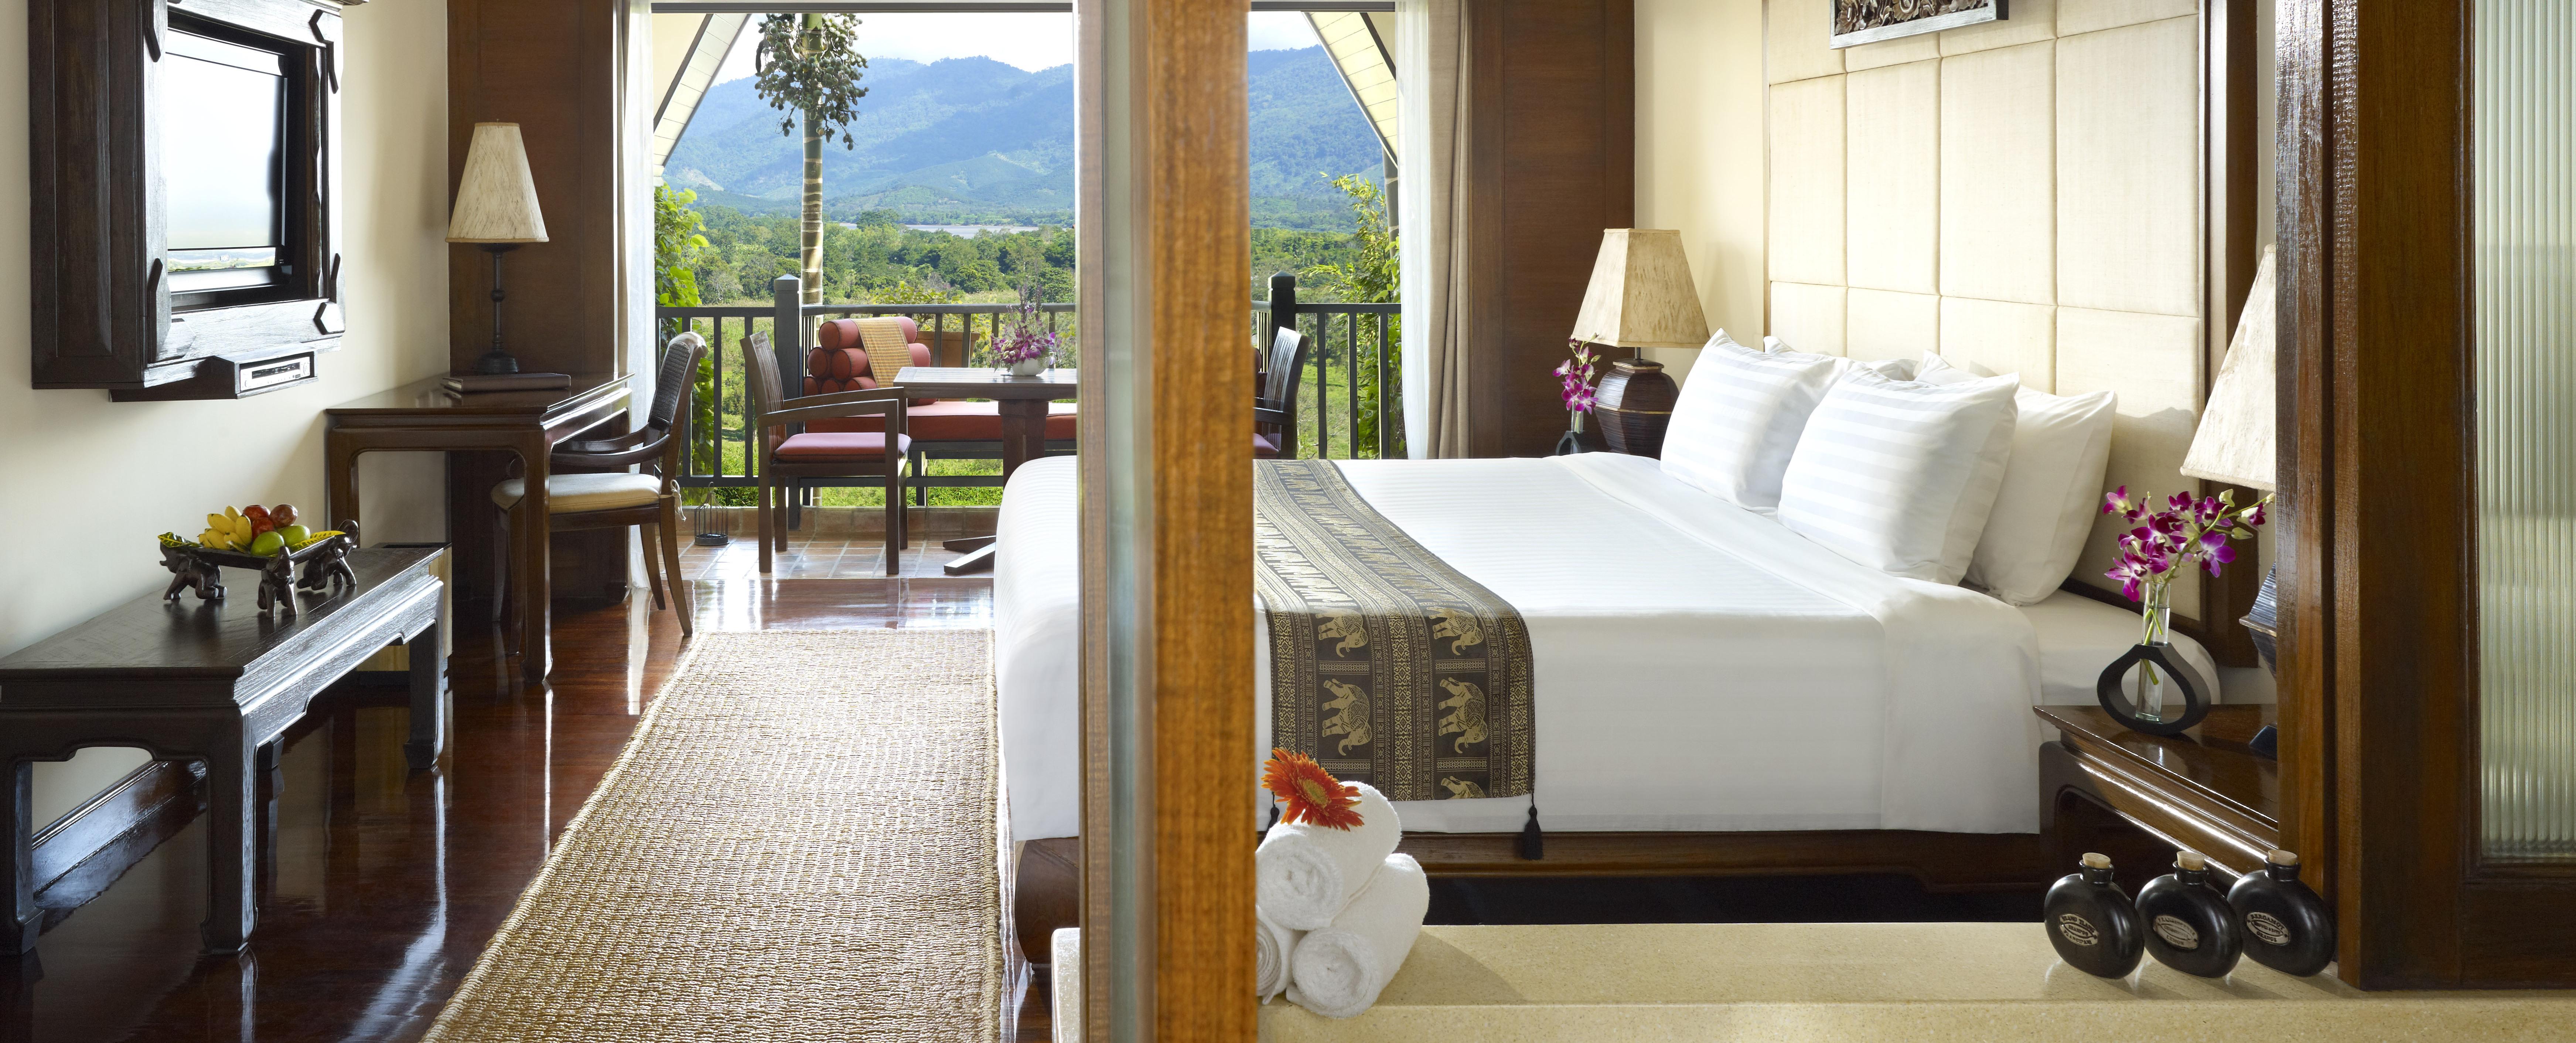 anantara-golden-triangle-deluxe-room